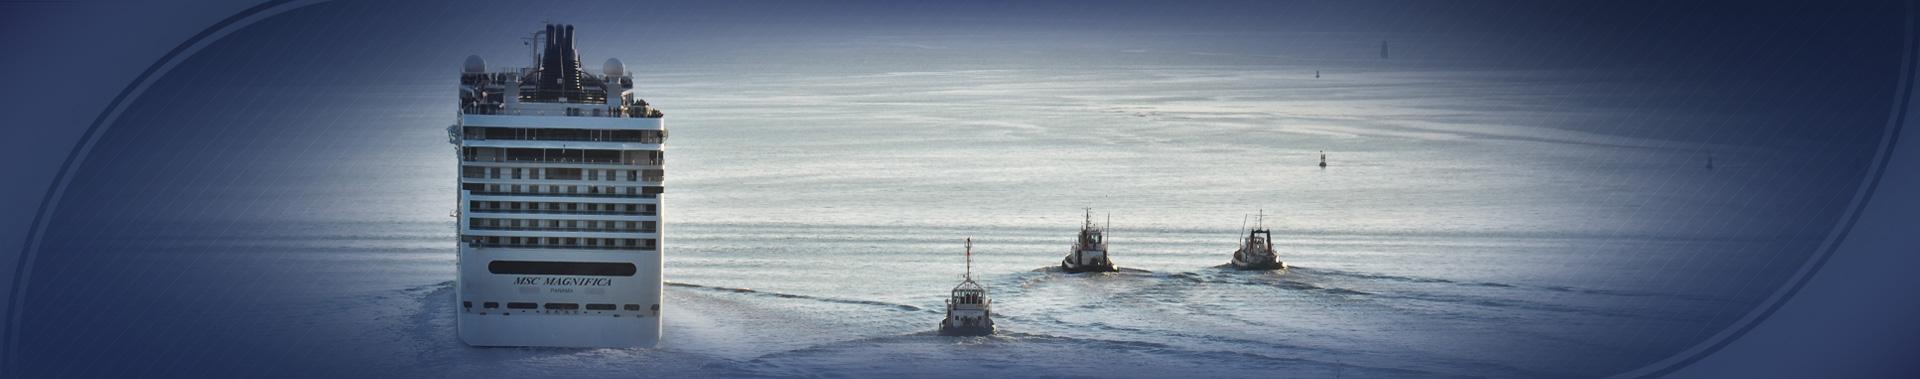 bg-slider3-offshore